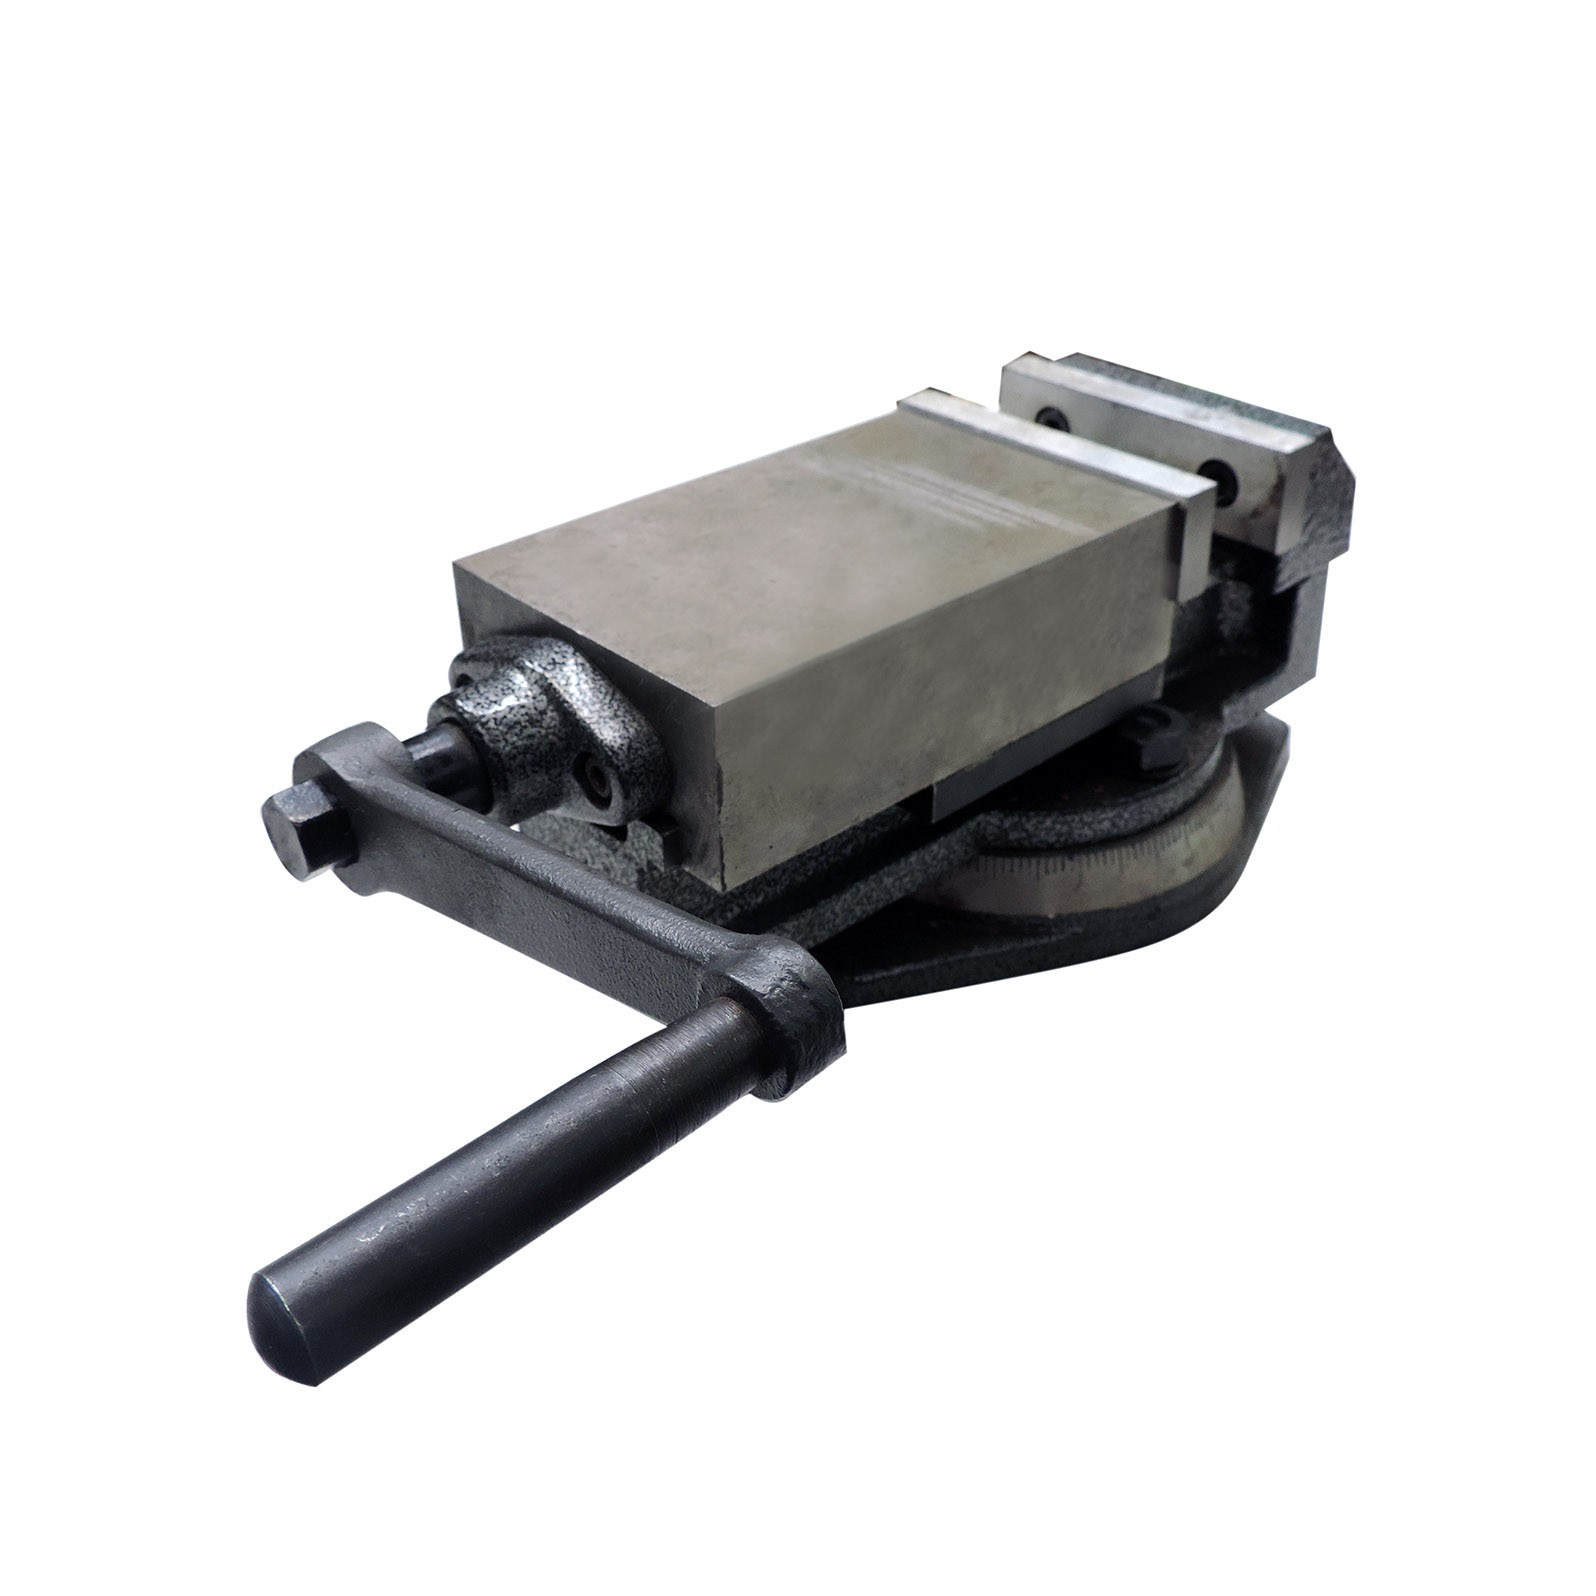 Morsa Giratória De Precisão 67mm – Cd22